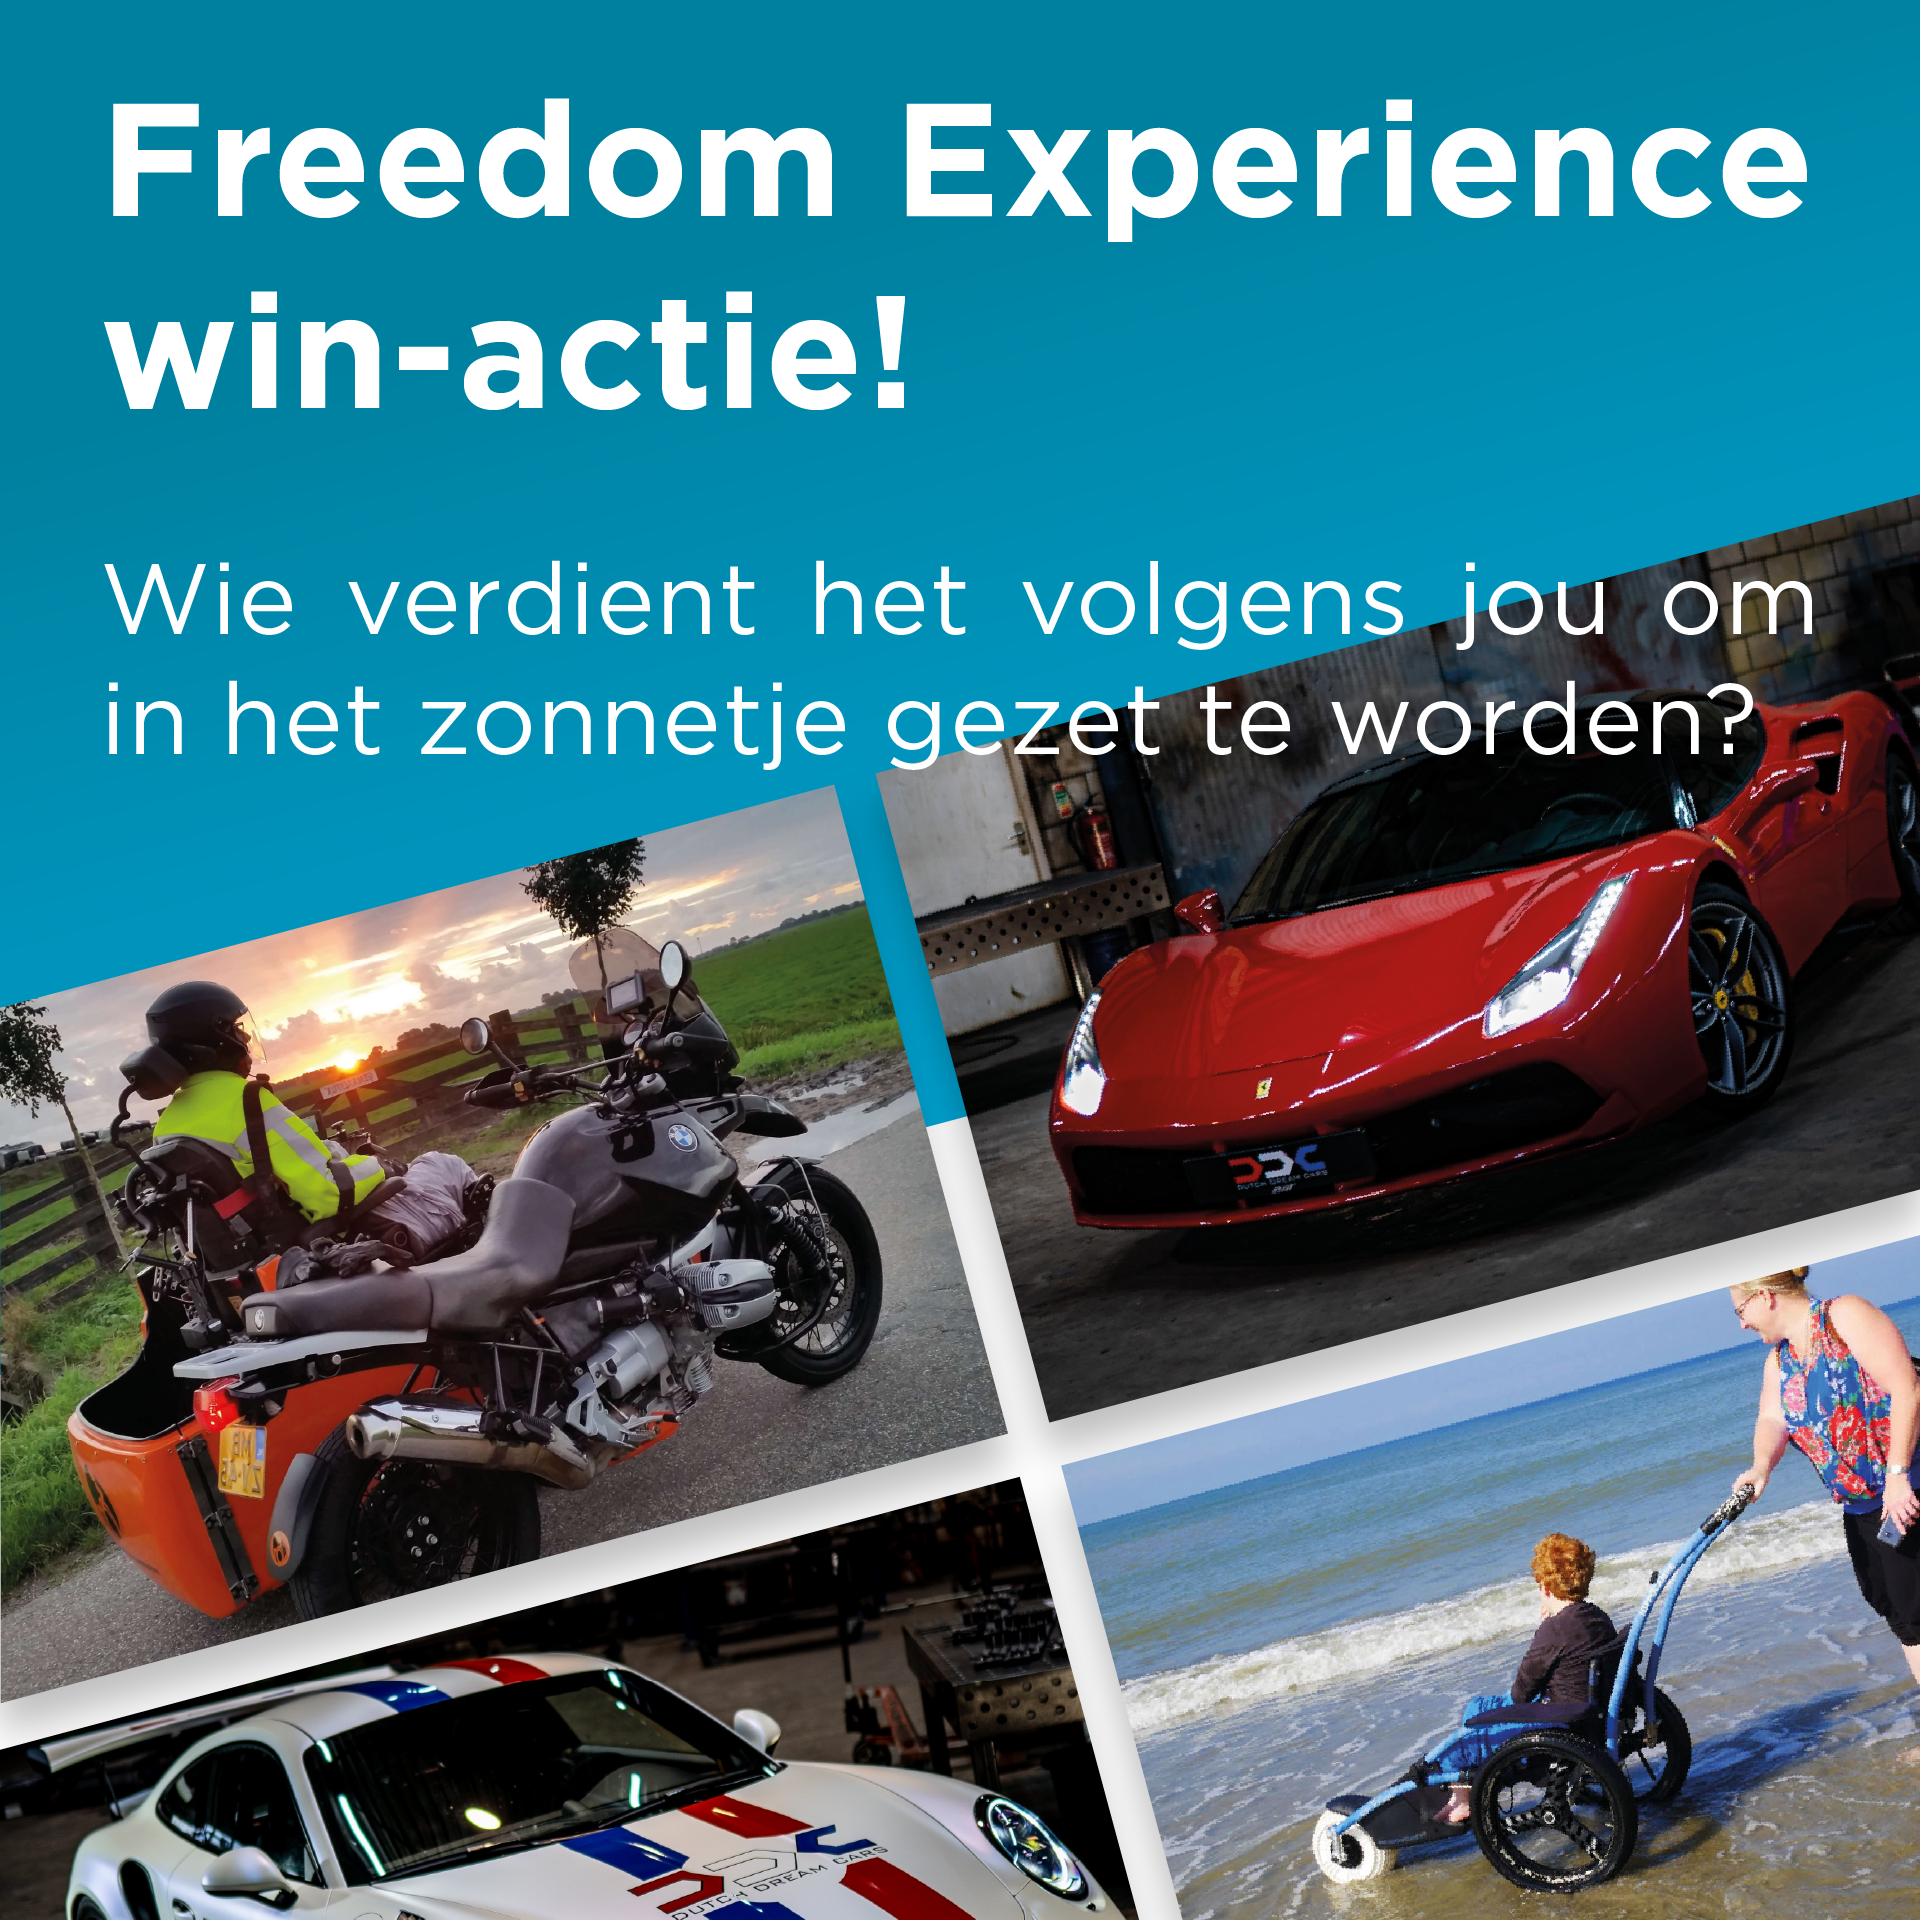 Freedom Experience win-actie